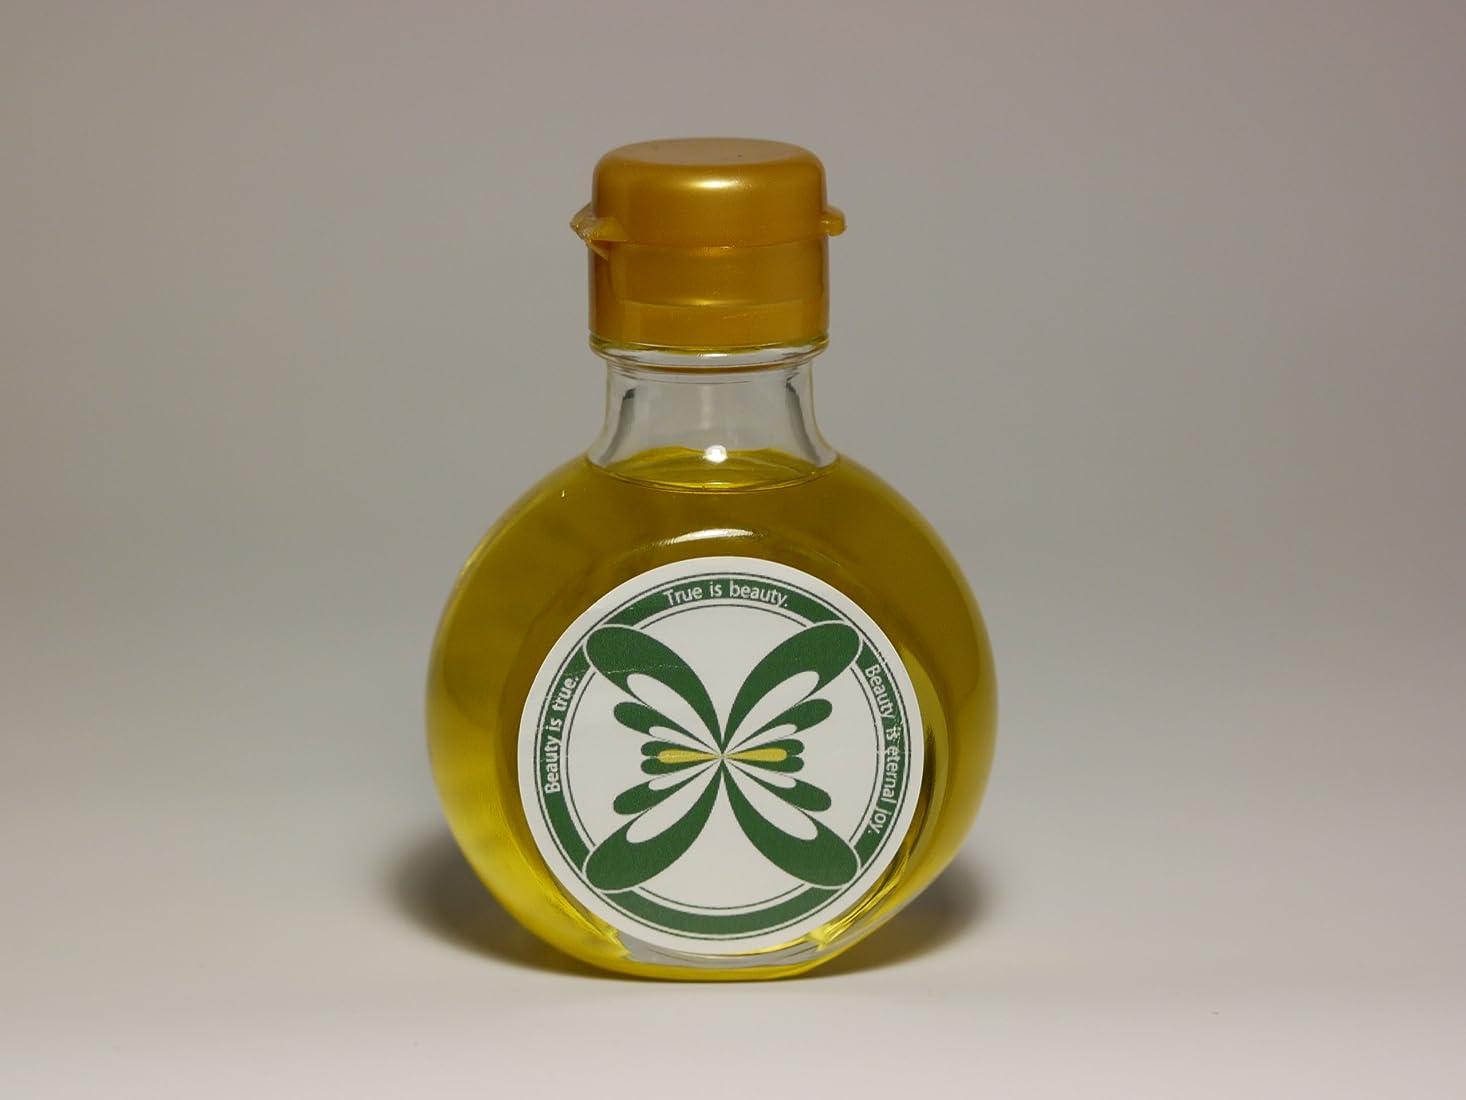 オフポンペイ要塞モリンガゴールドオイル100 100ml 酸化しにくい飽和脂肪酸含有のモリンガオイル100%で、クレンジング(特にアイメイク落し)?保湿?ヘアオイルなど、色々な用途に使えます。